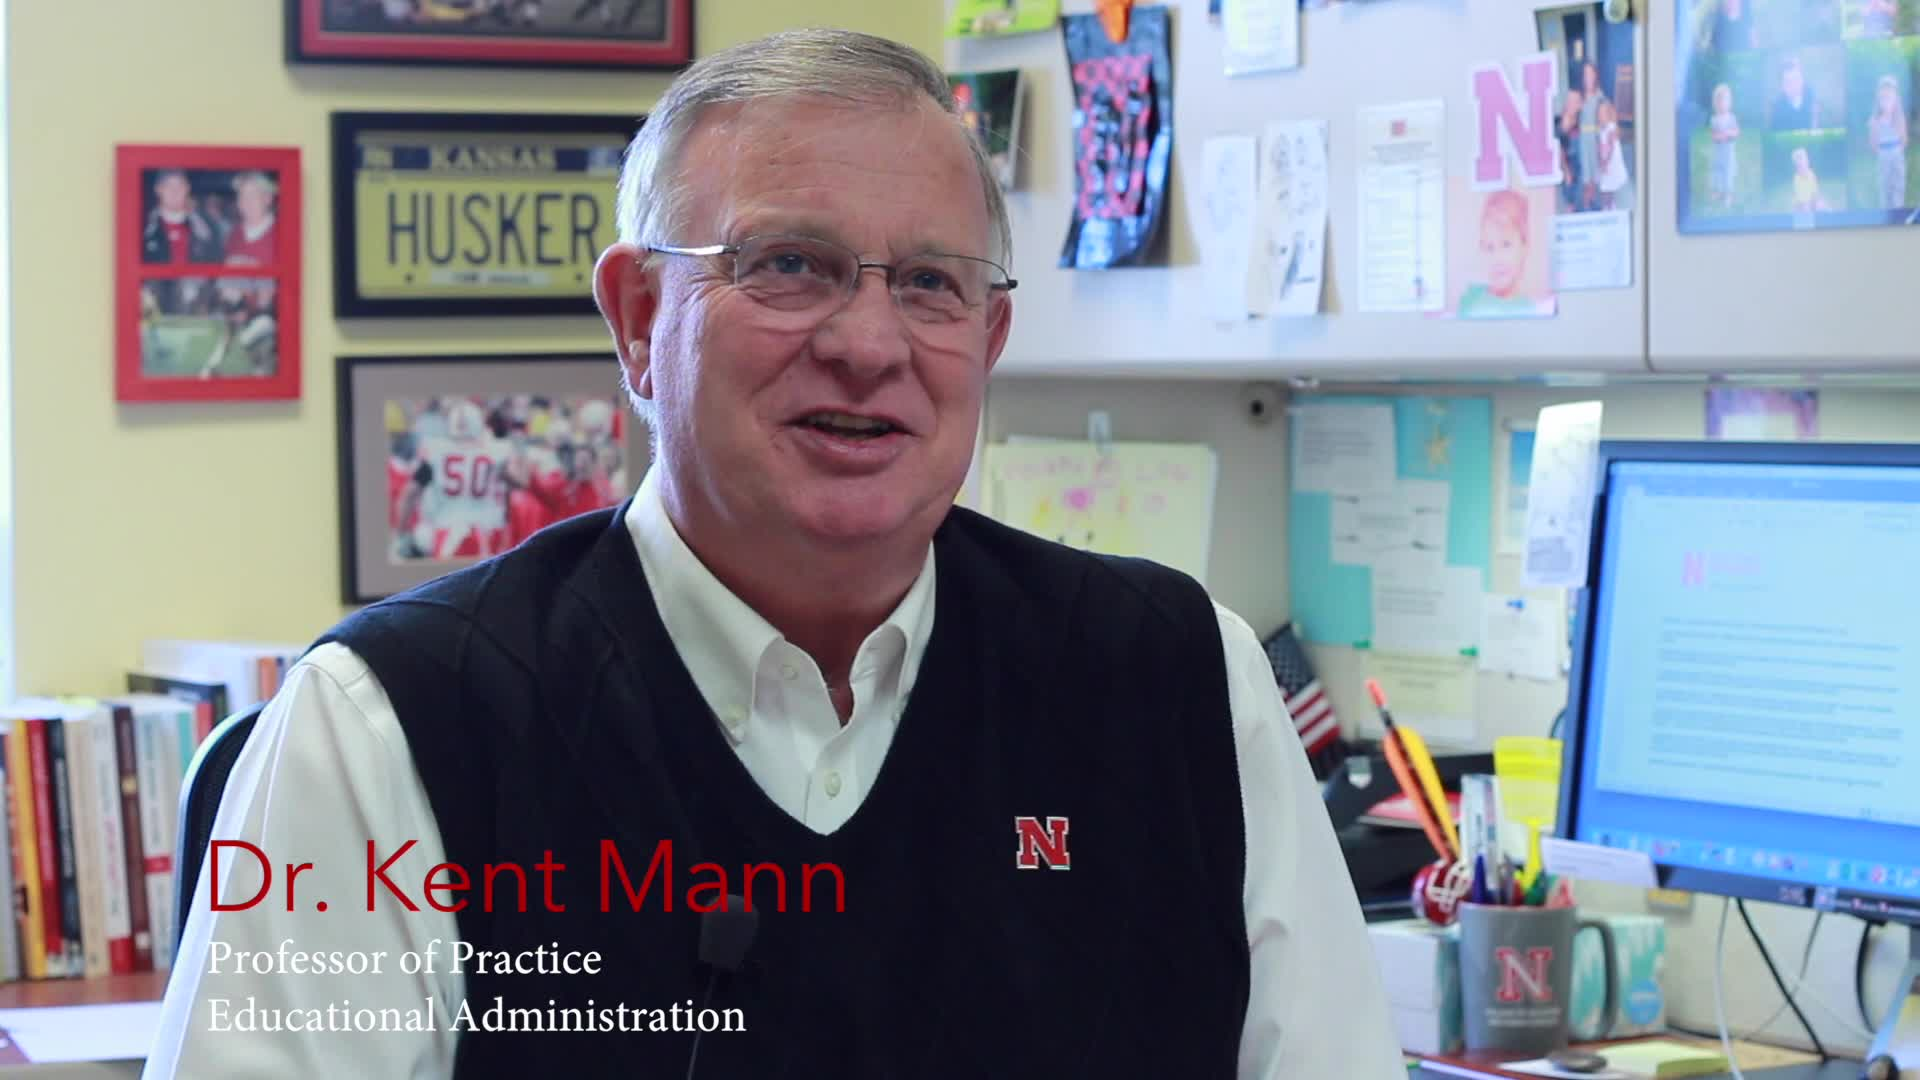 Kent Mann